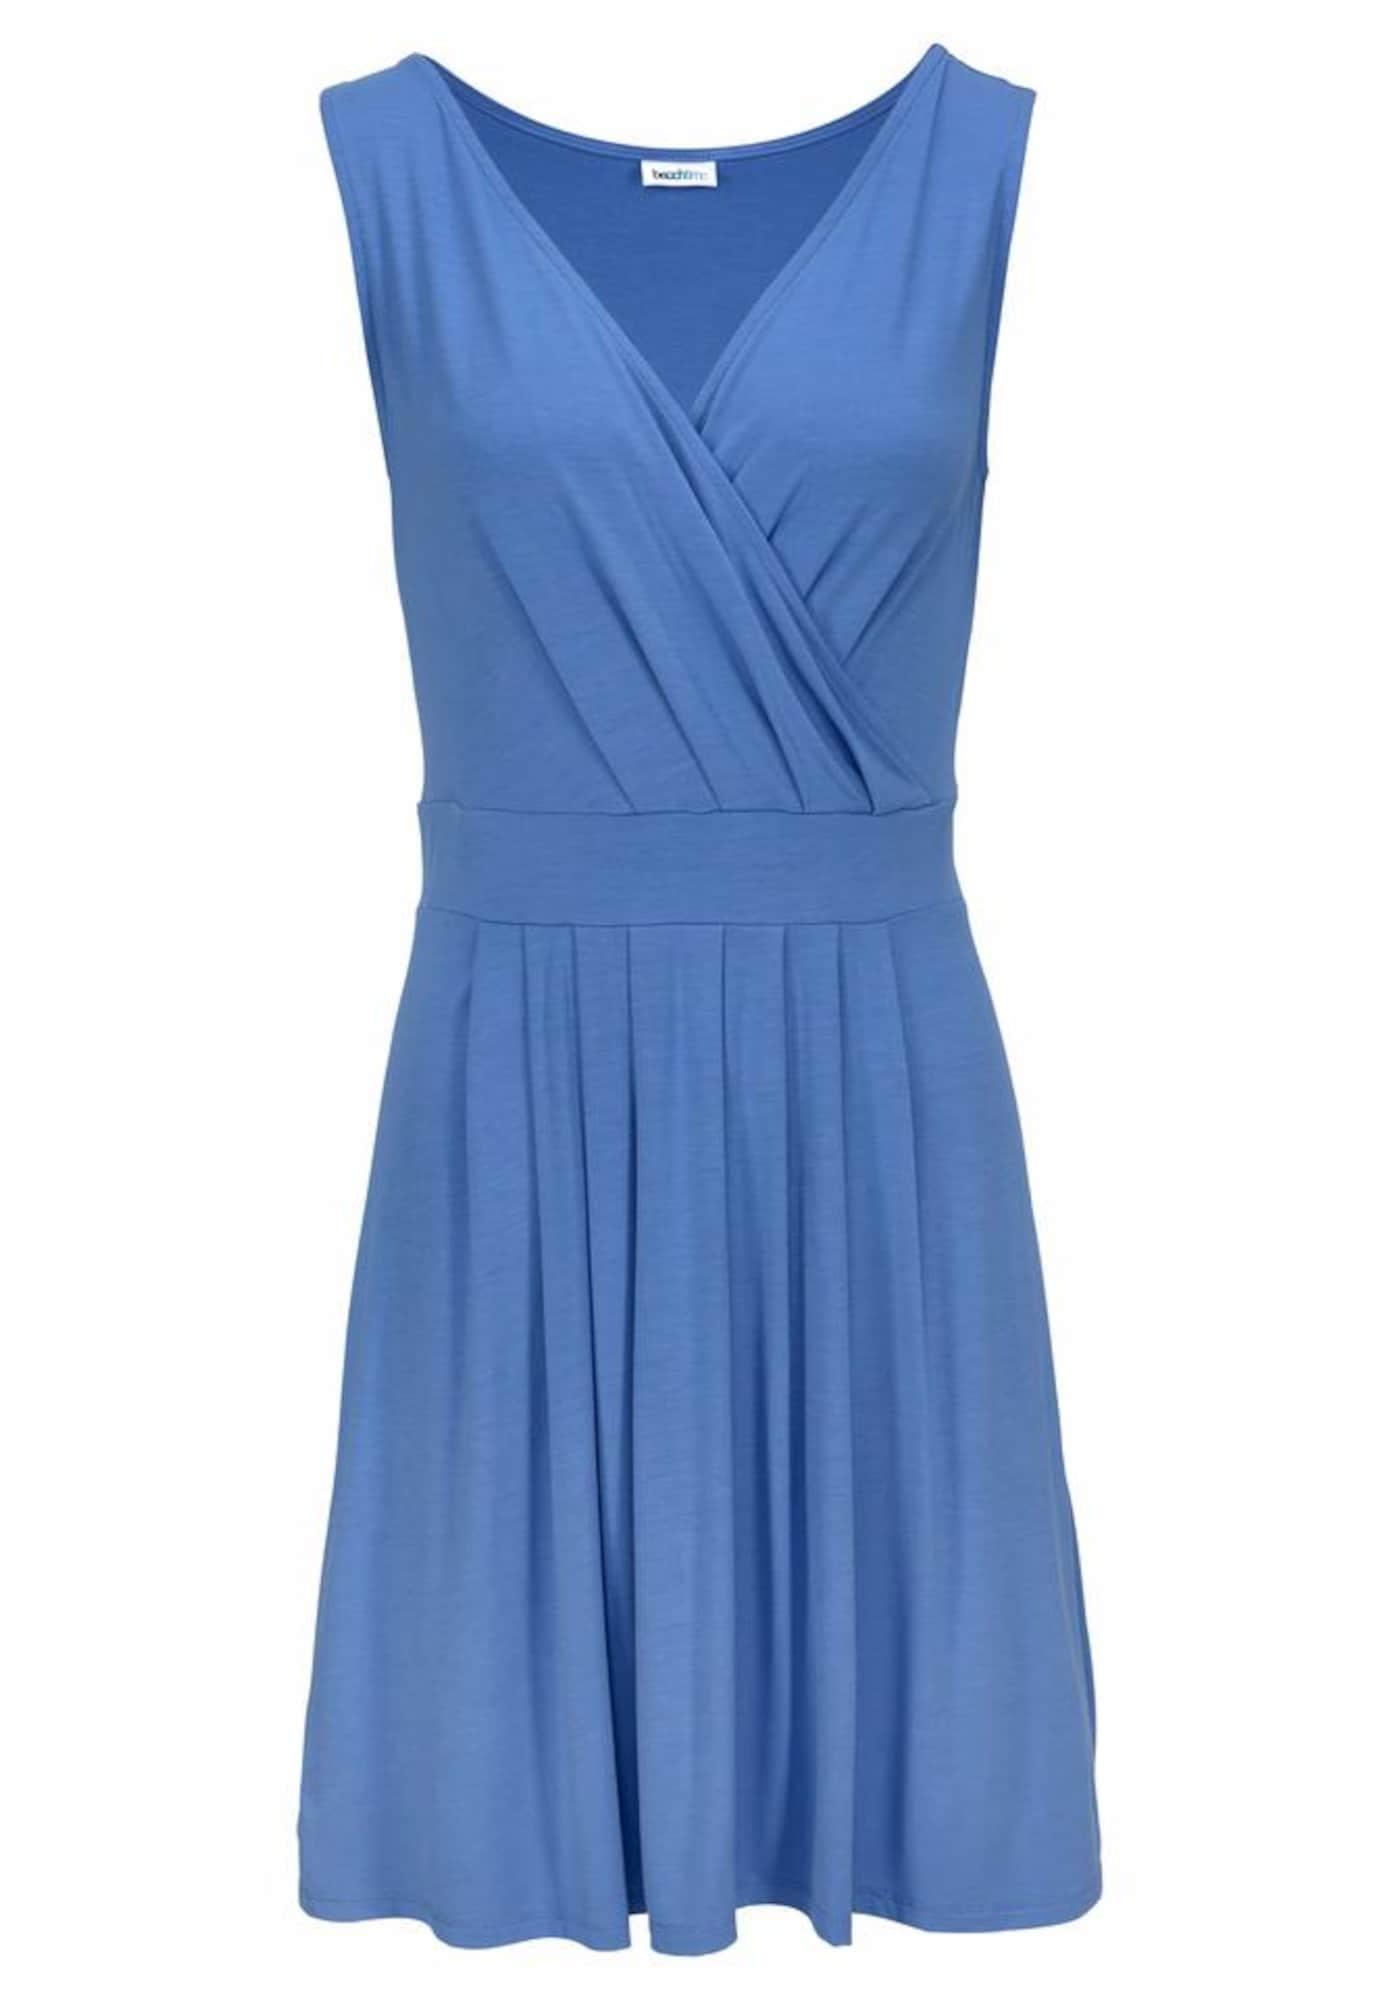 BEACH TIME Paplūdimio suknelė mėlyna dūmų spalva